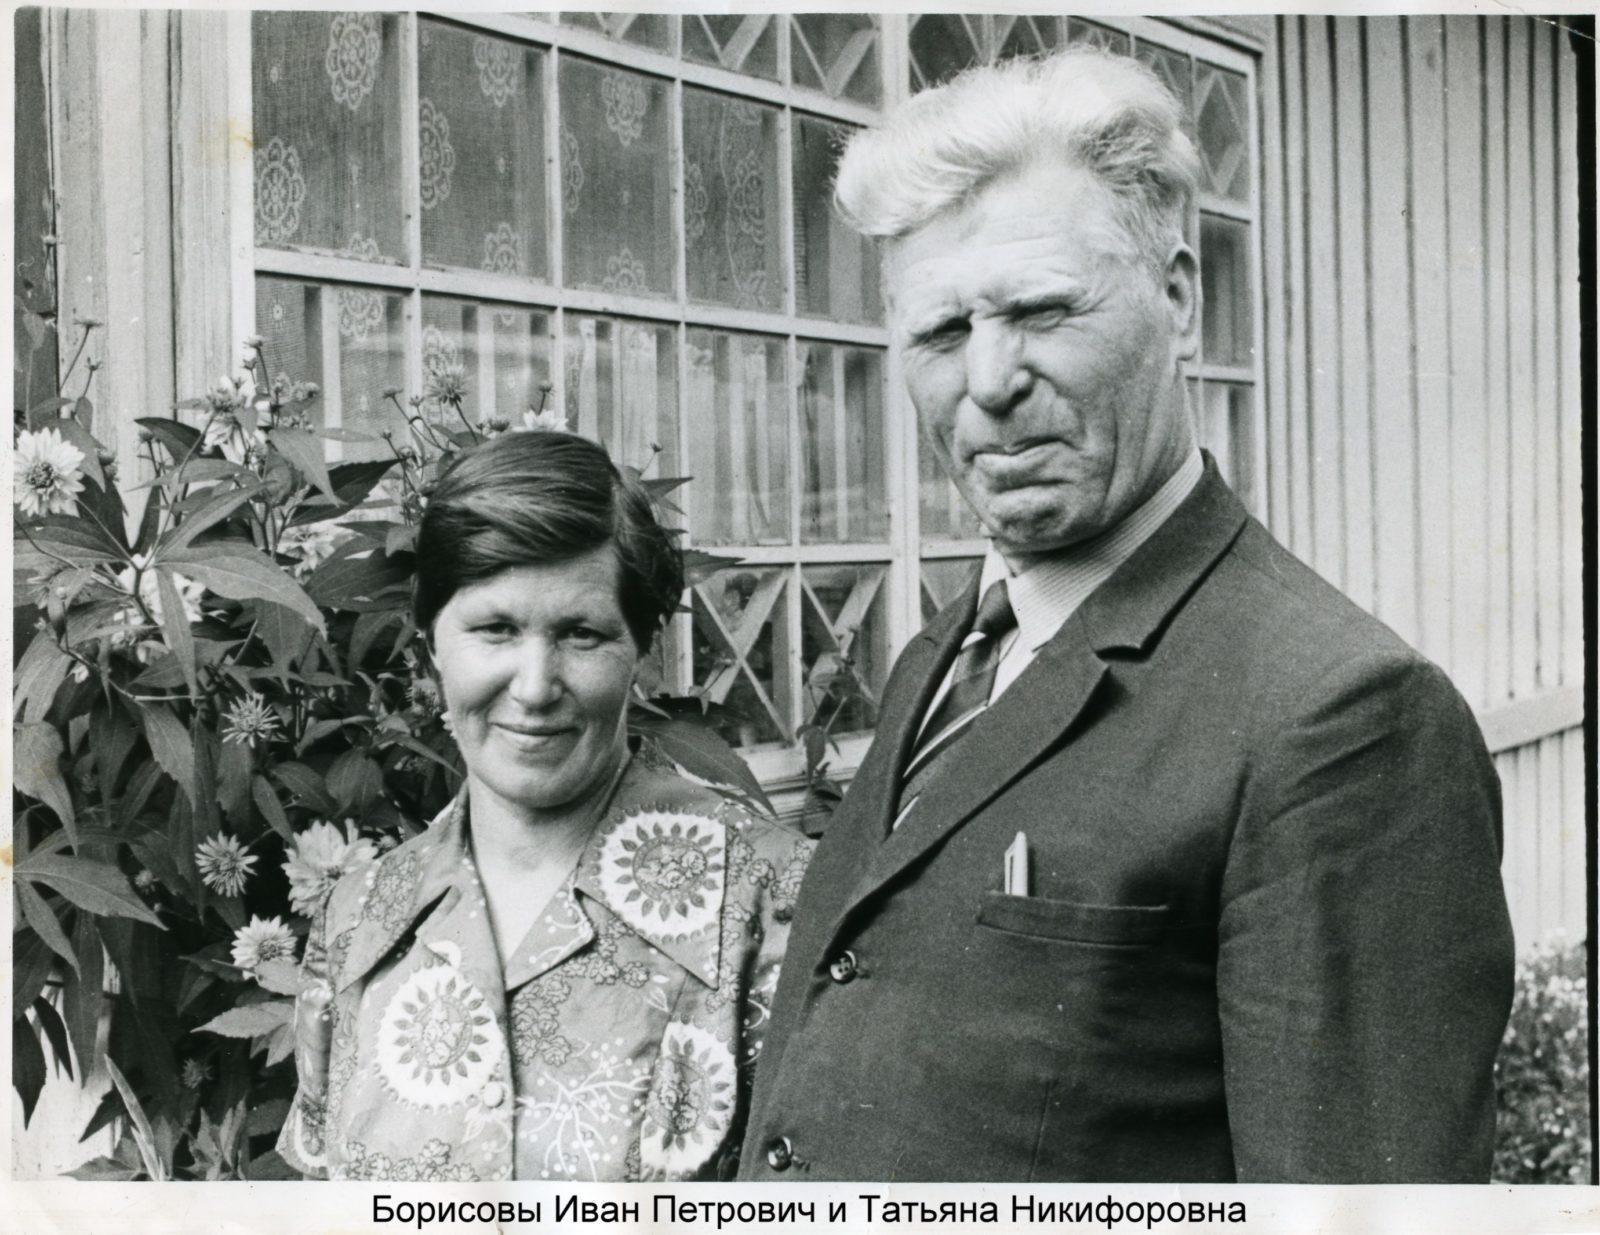 Борисовы: Иван Петрович и Татьяна Никифоровна.